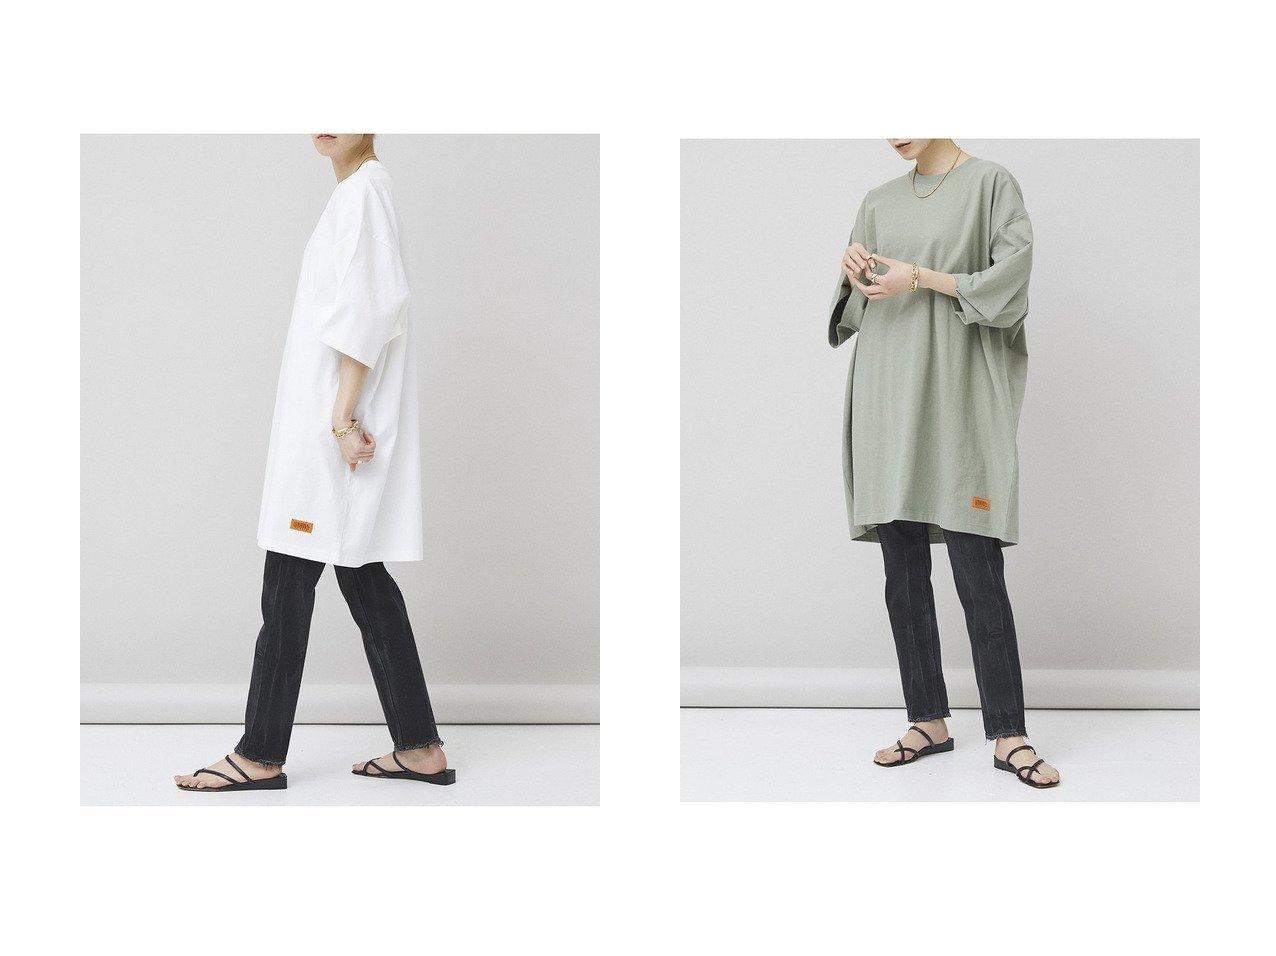 【Curensology/カレンソロジー】の【UNIVERSAL OVERALL】別注オーバーサイズTシャツ トップス・カットソーのおすすめ!人気、トレンド・レディースファッションの通販 おすすめで人気の流行・トレンド、ファッションの通販商品 メンズファッション・キッズファッション・インテリア・家具・レディースファッション・服の通販 founy(ファニー) https://founy.com/ ファッション Fashion レディースファッション WOMEN トップス Tops Tshirt シャツ/ブラウス Shirts Blouses ロング / Tシャツ T-Shirts カットソー Cut and Sewn 2021年 2021 2021 春夏 S/S SS Spring/Summer 2021 S/S 春夏 SS Spring/Summer ショート シンプル スリーブ 別注 春 Spring |ID:crp329100000015866